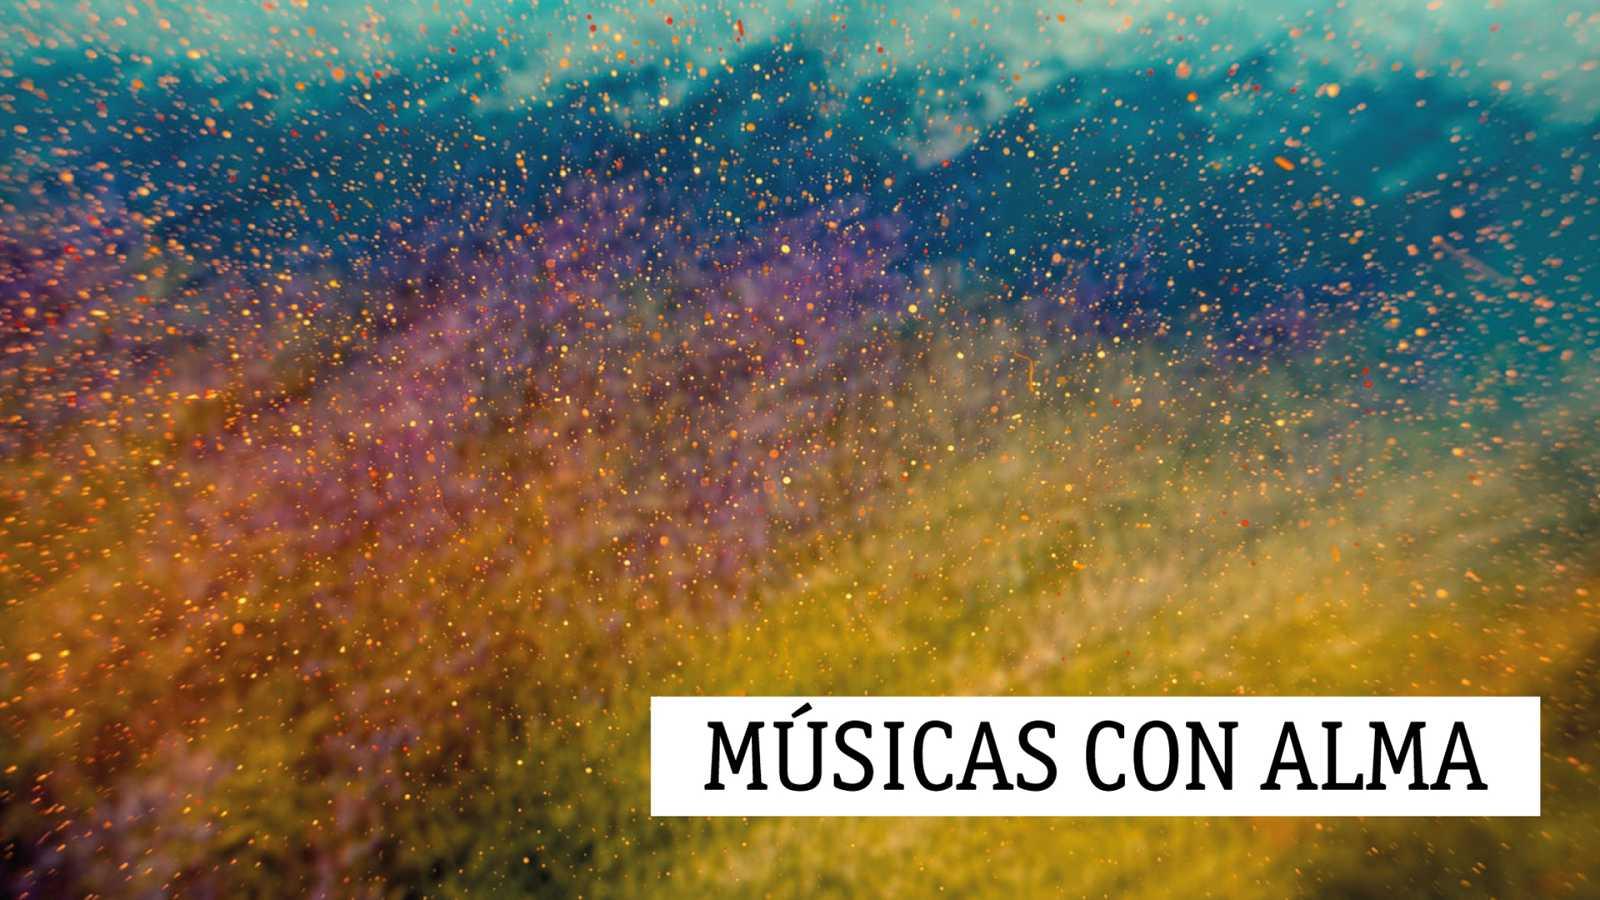 Músicas con alma - Flor de loto: transmutación - 28/04/21 - escuchar ahora